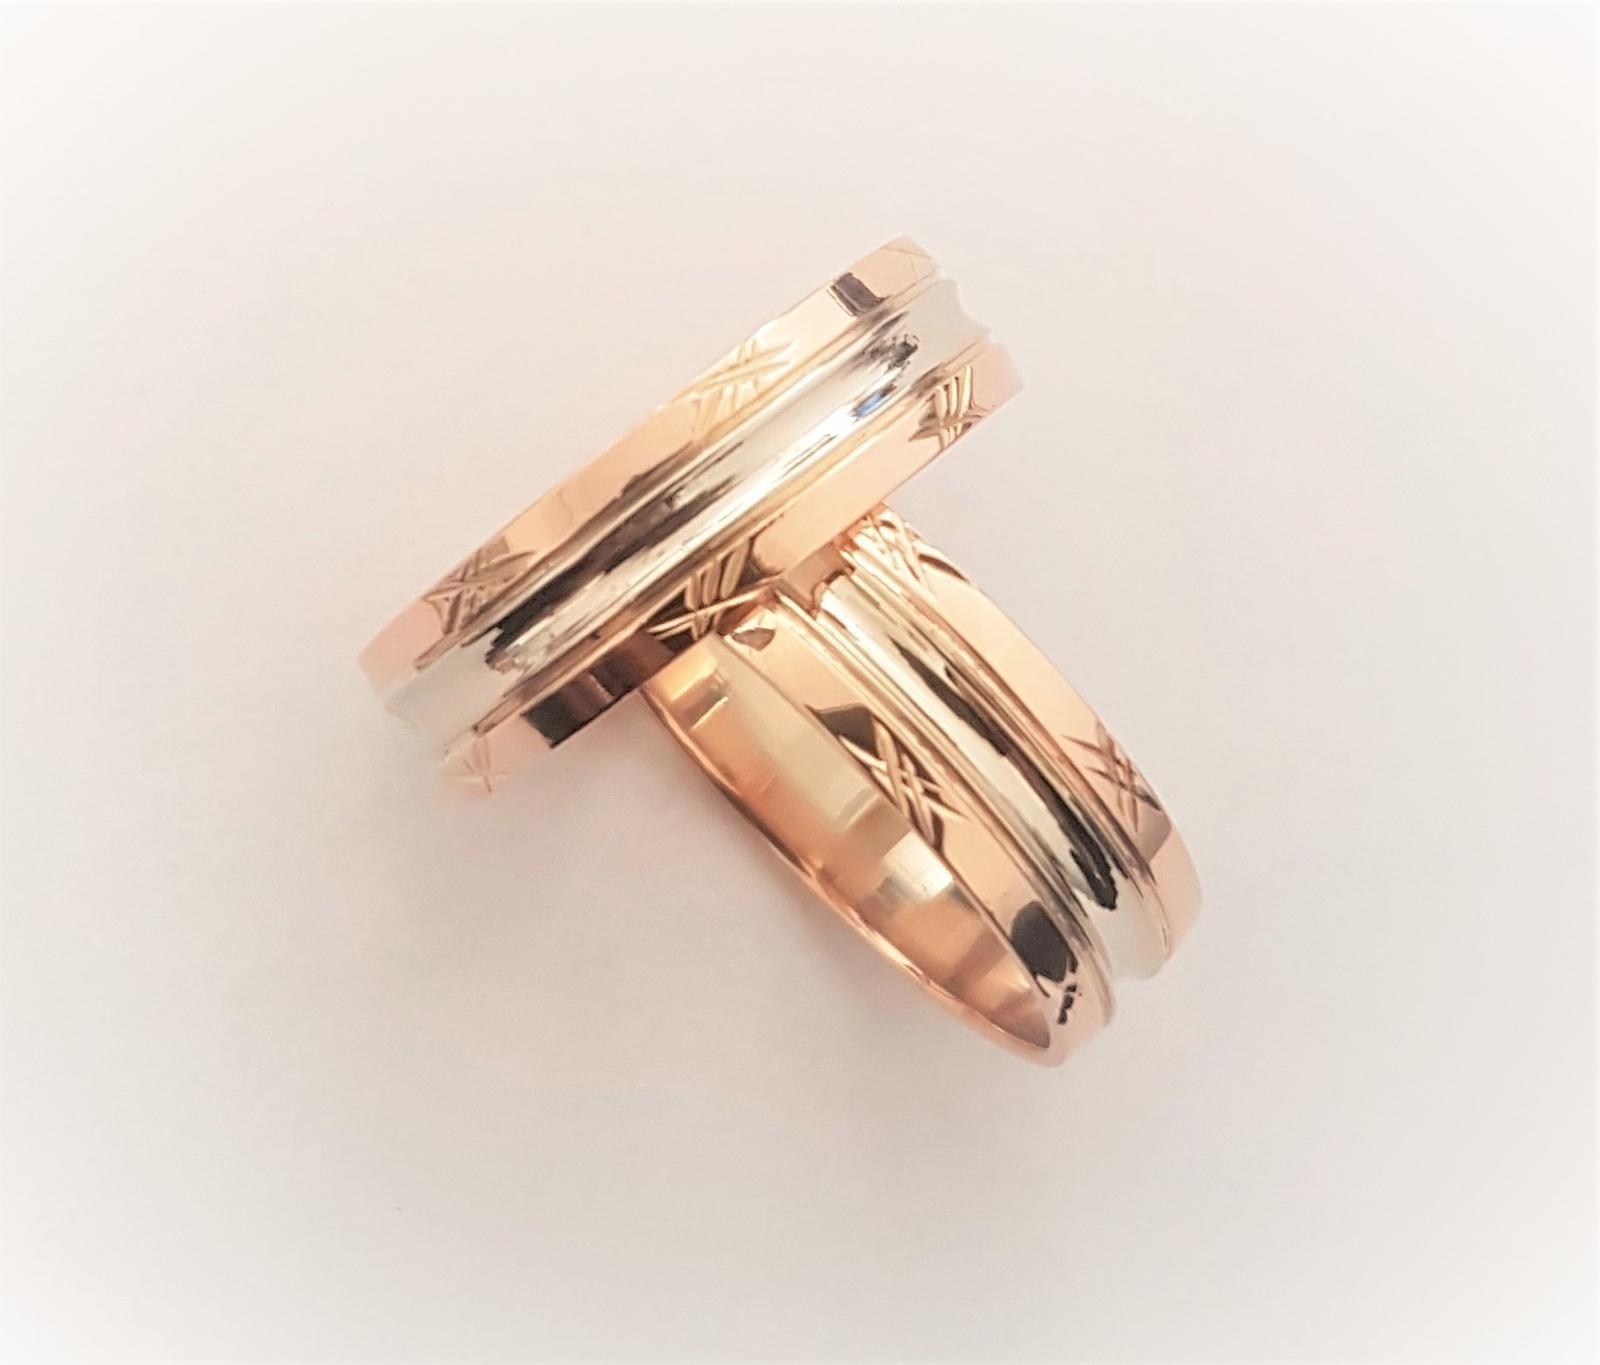 Výroba prstenu podle vzoru starého 50 let :-) - Obrázek č. 1